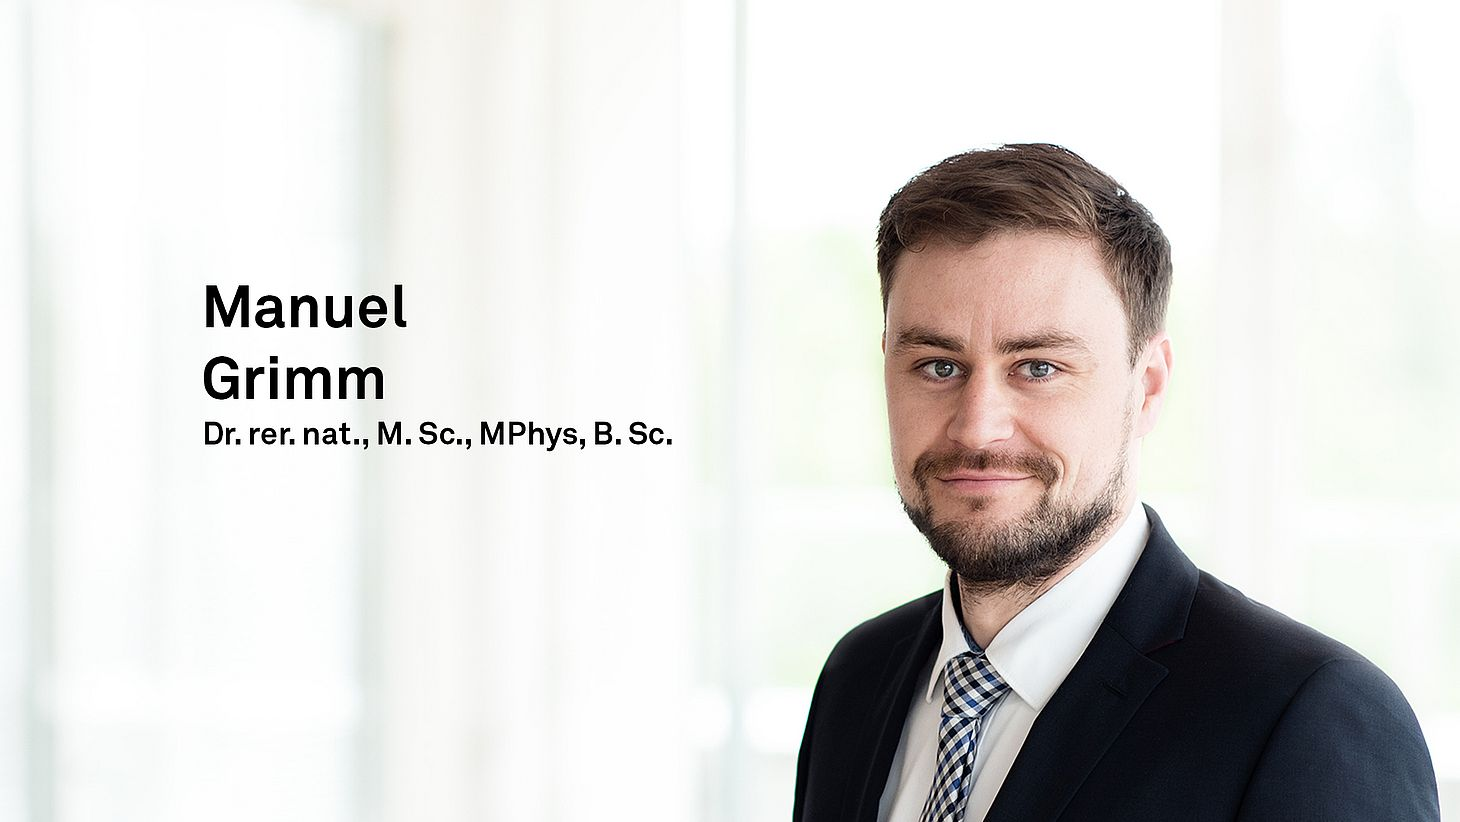 Dr. rer. nat., M. Sc., MPhys, B. Sc. Manuel Grimm